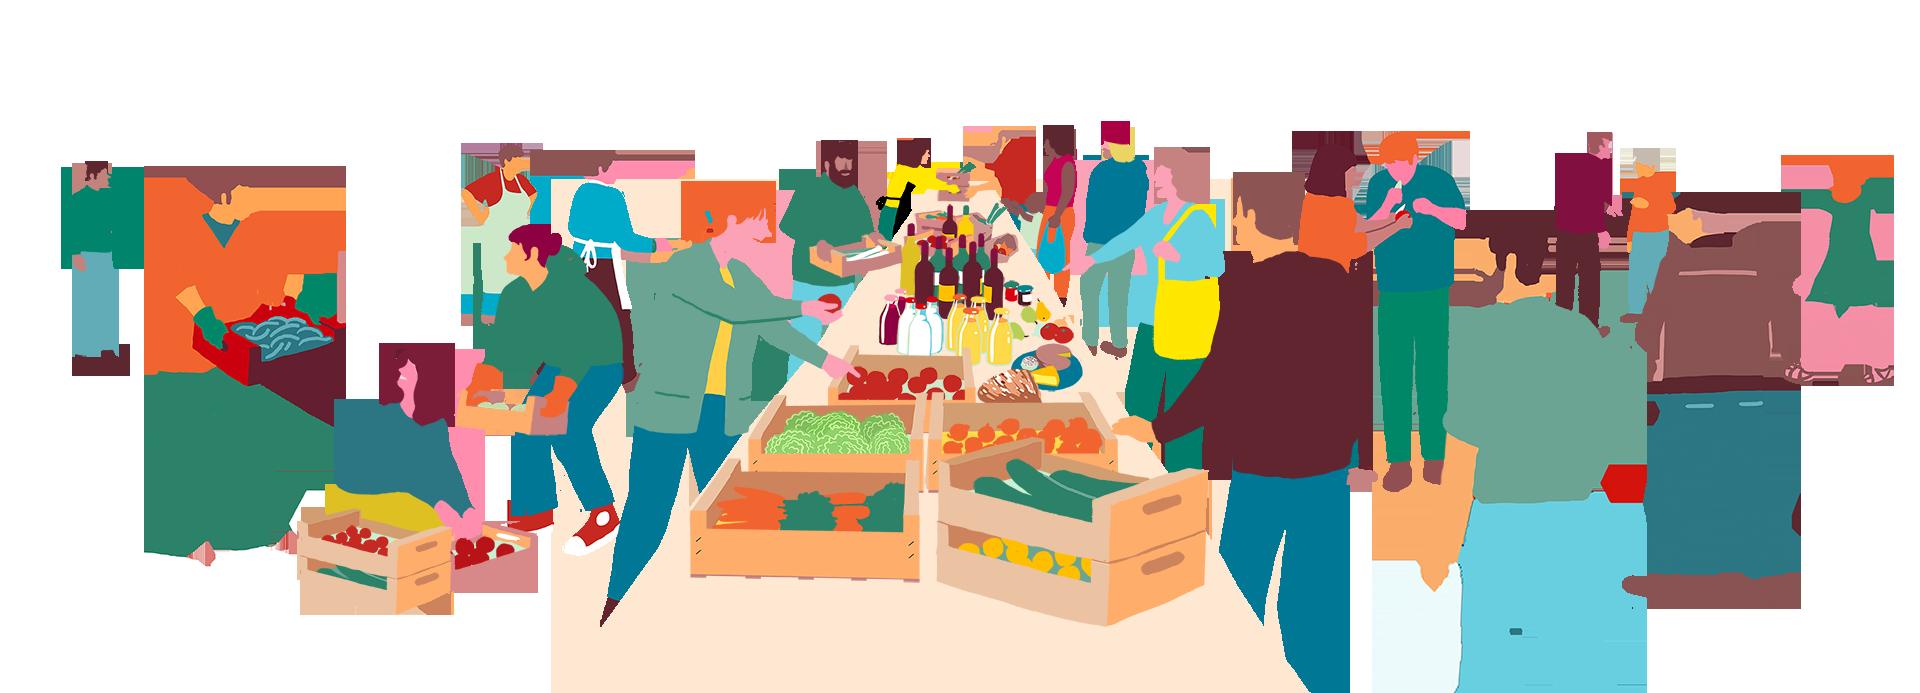 Personas comprando y vendiendo en La Colmena Que Dice Sí ilustración colores